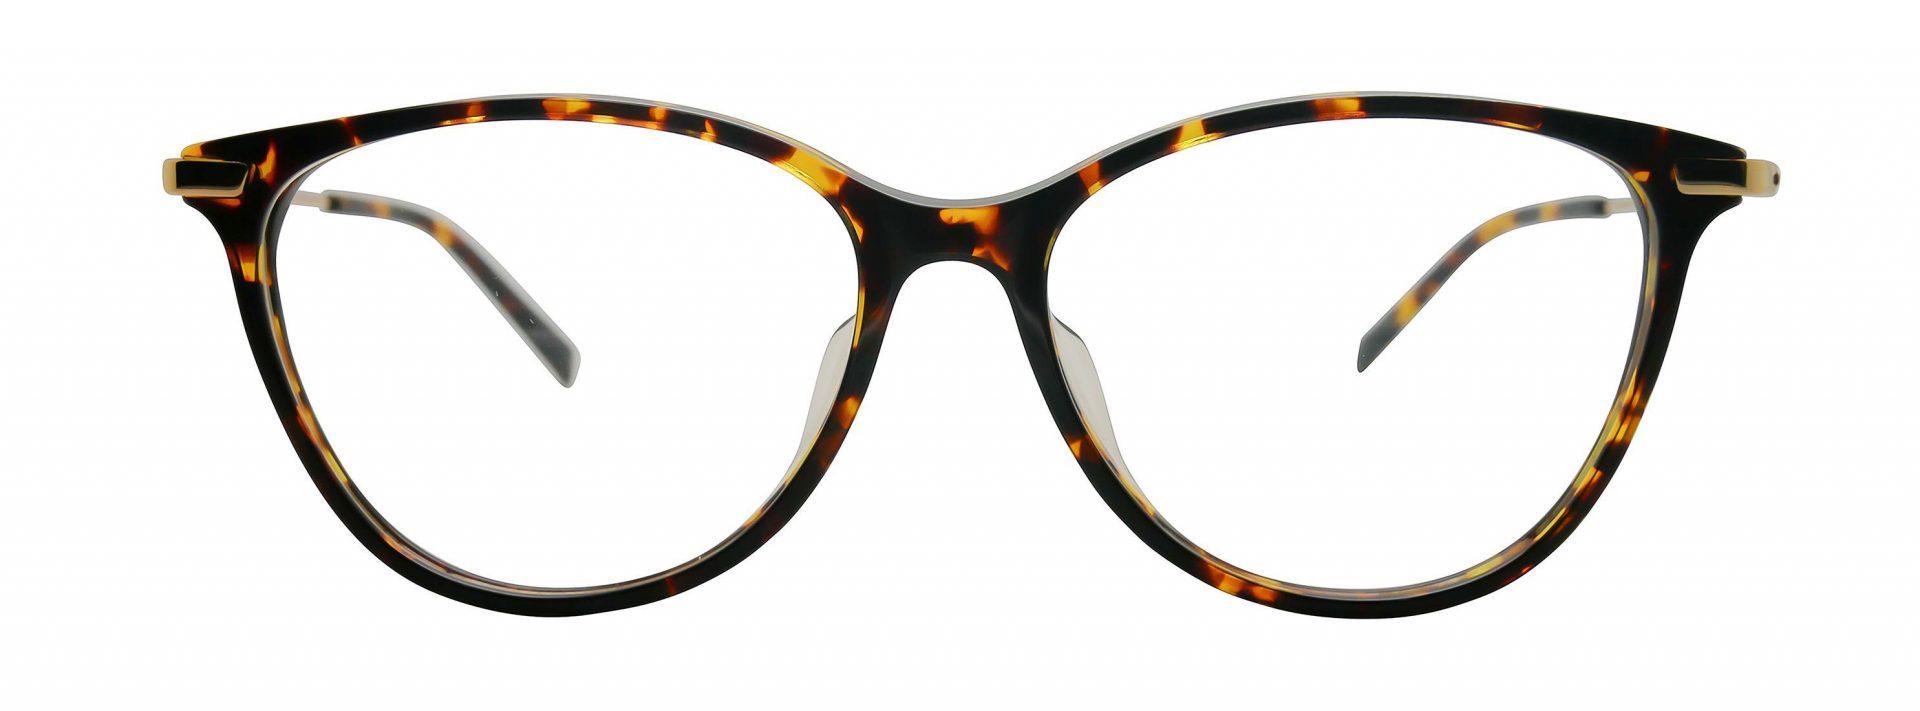 Elle Spectacles 14390 01